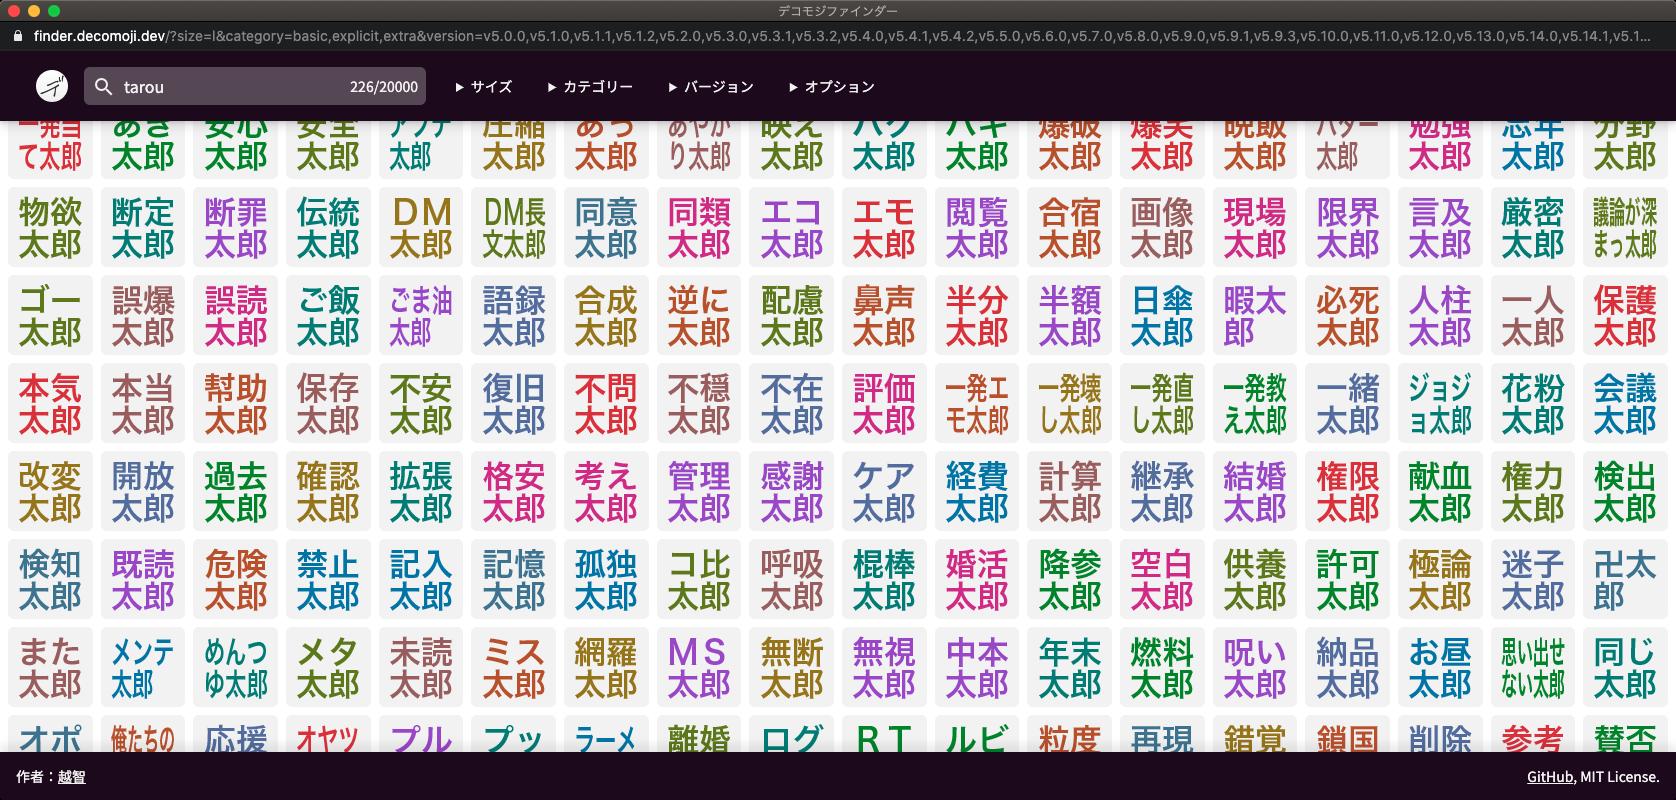 デコモジファインダーで「tarou」を含むデコモジを検索した様子。いっぱいあるね!